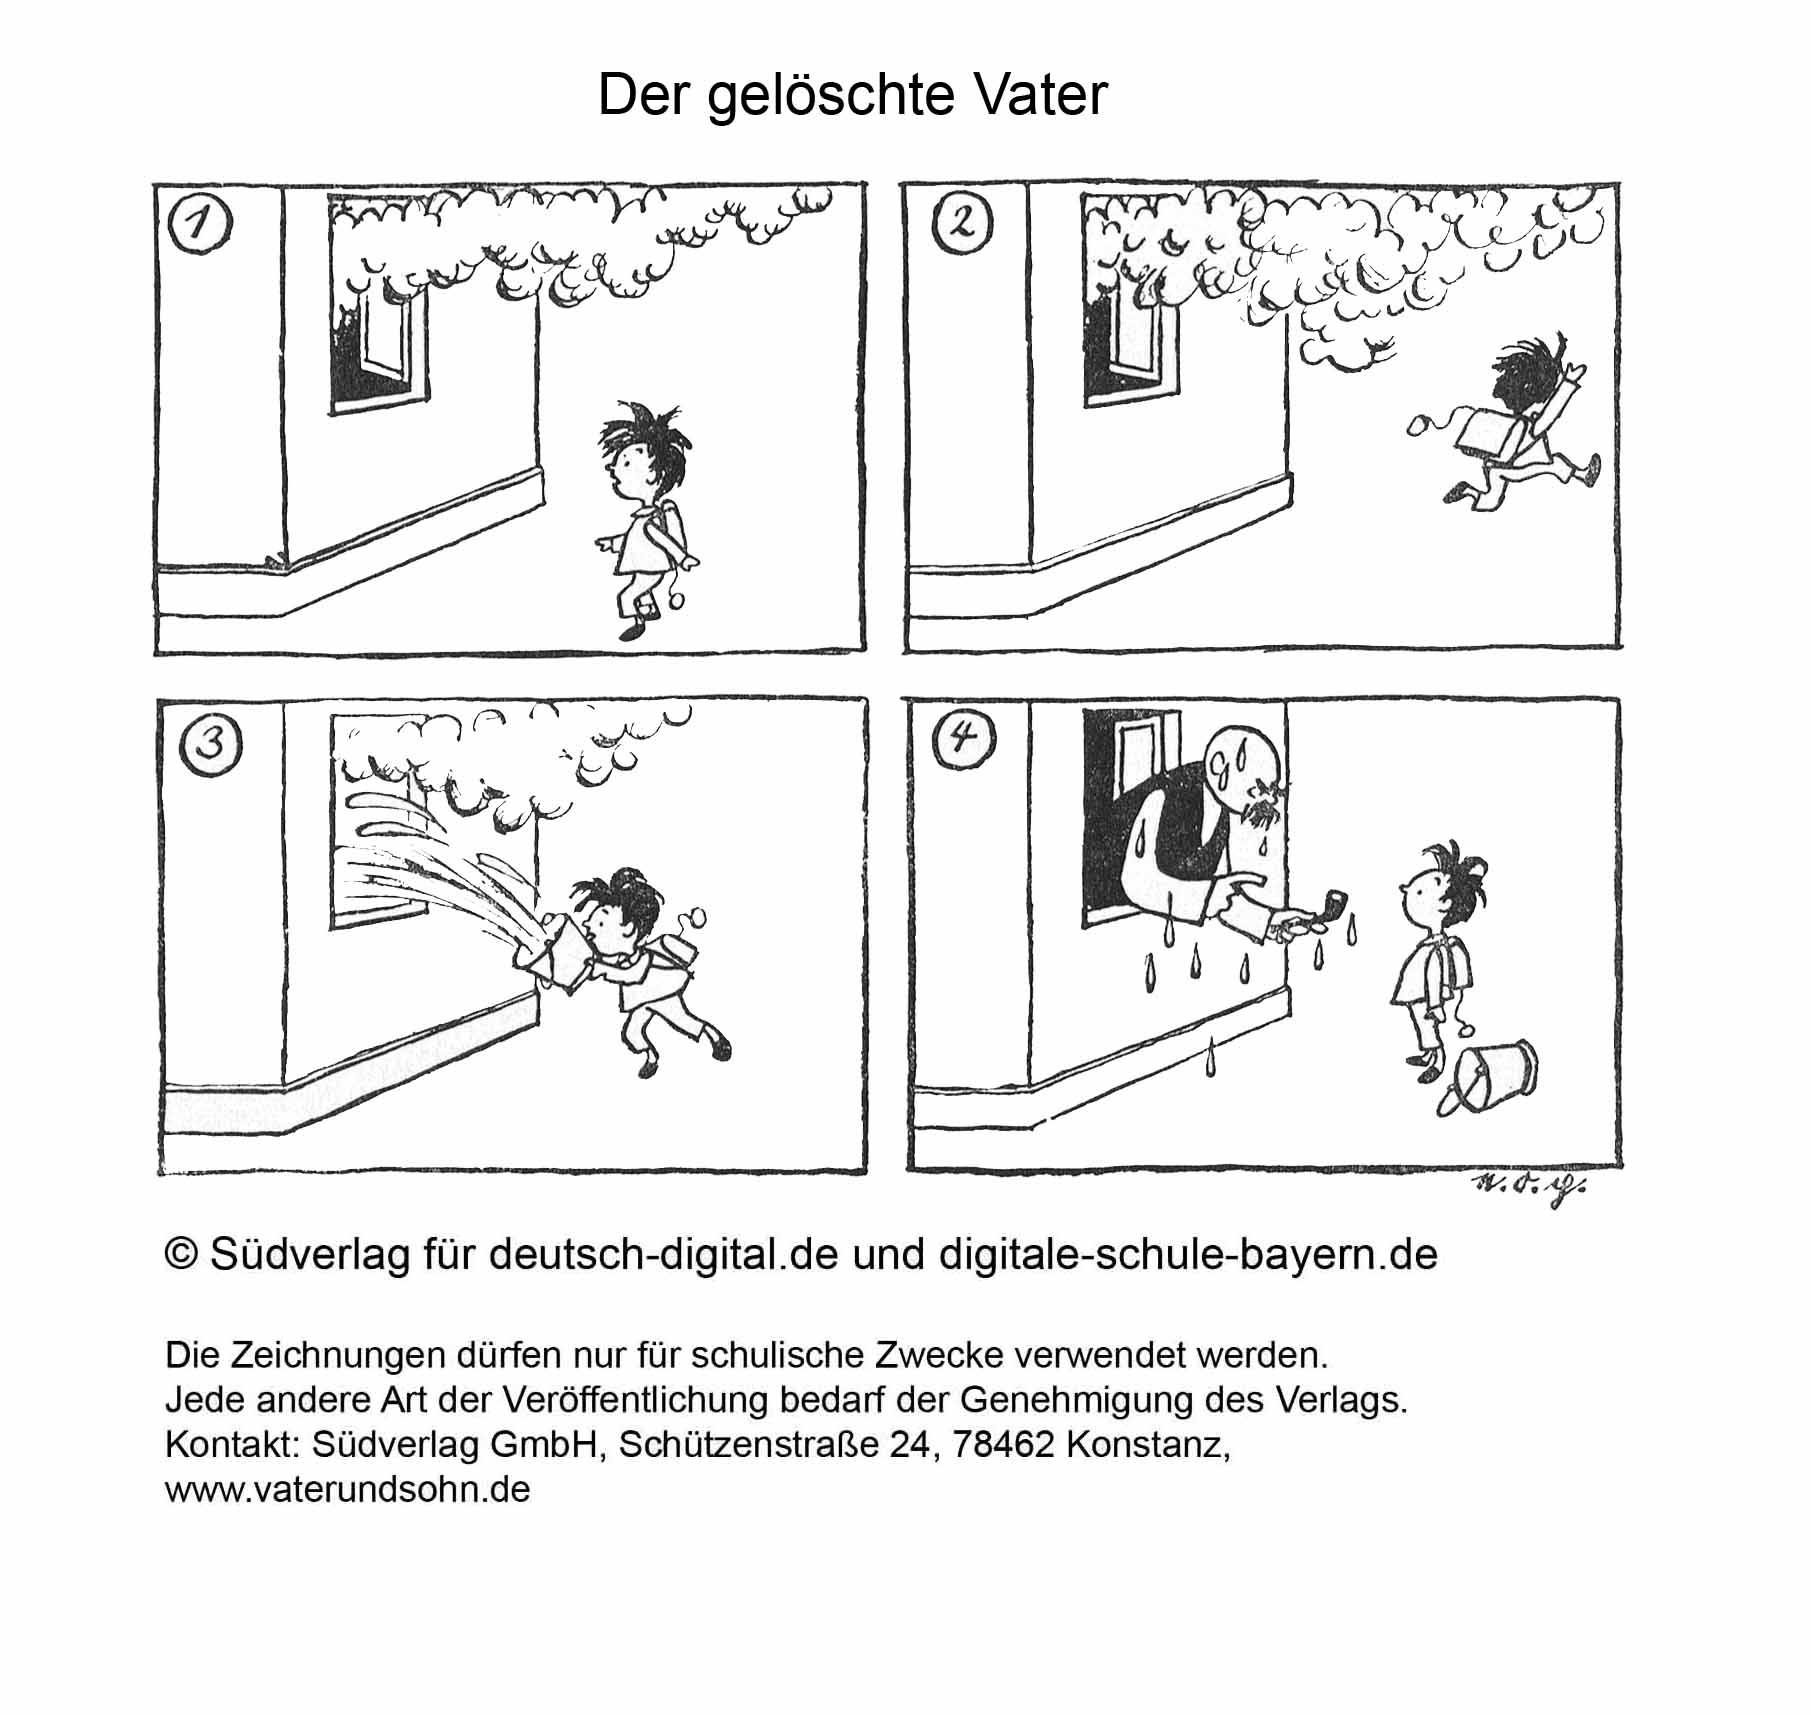 Digitale Schule Bayern - Portal verwandt mit Beispiele Bildergeschichten 4 Klasse Volksschule